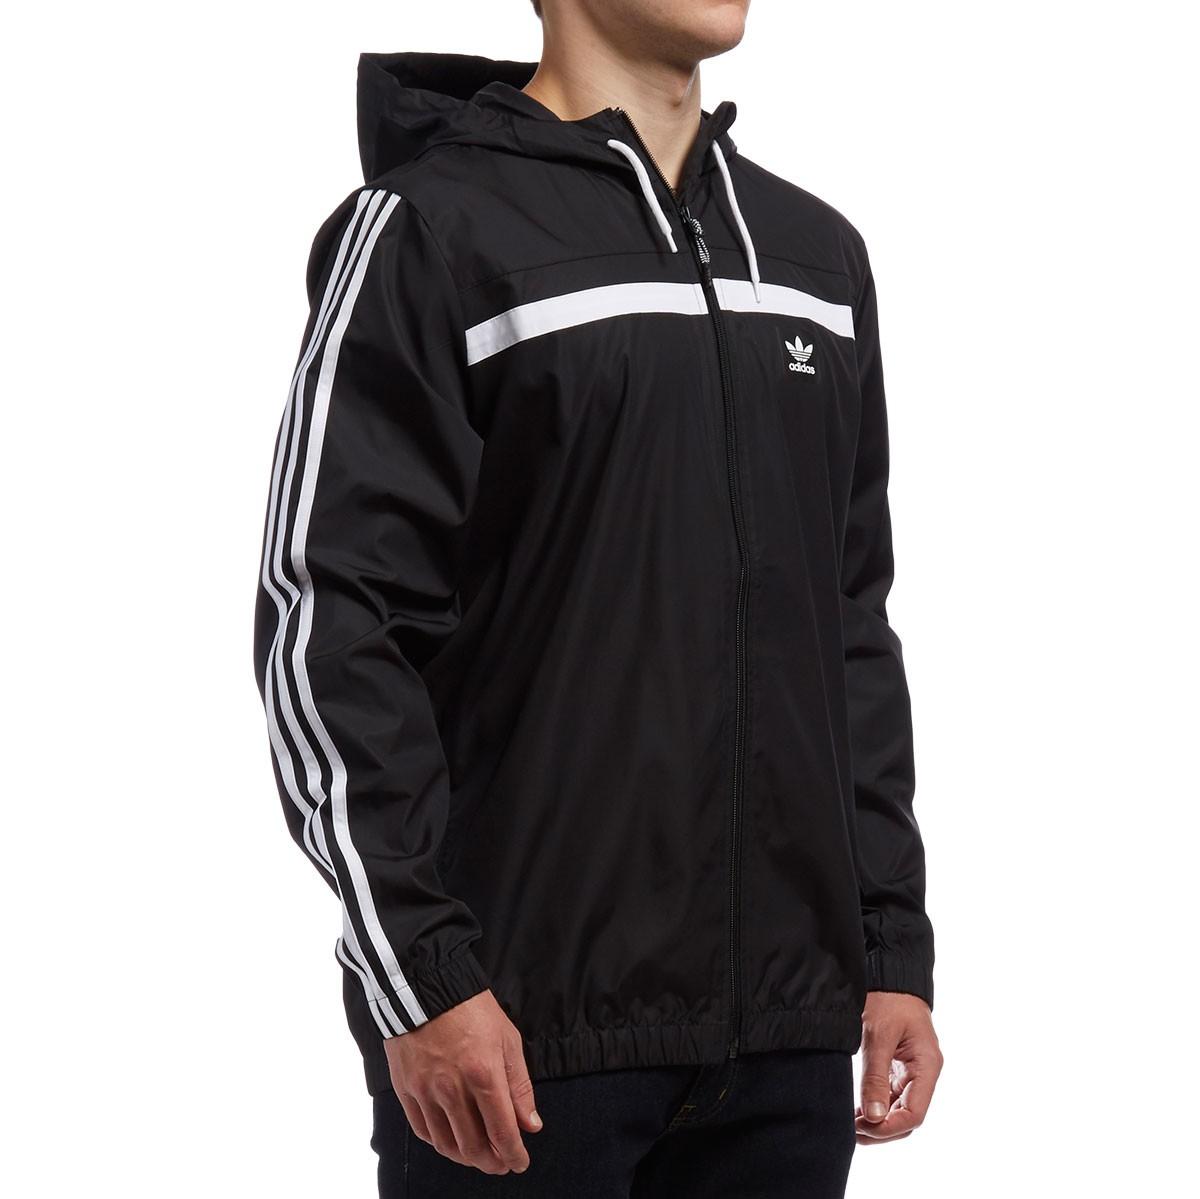 adidas windbreaker 2 jacket - black/white WOZEUWP